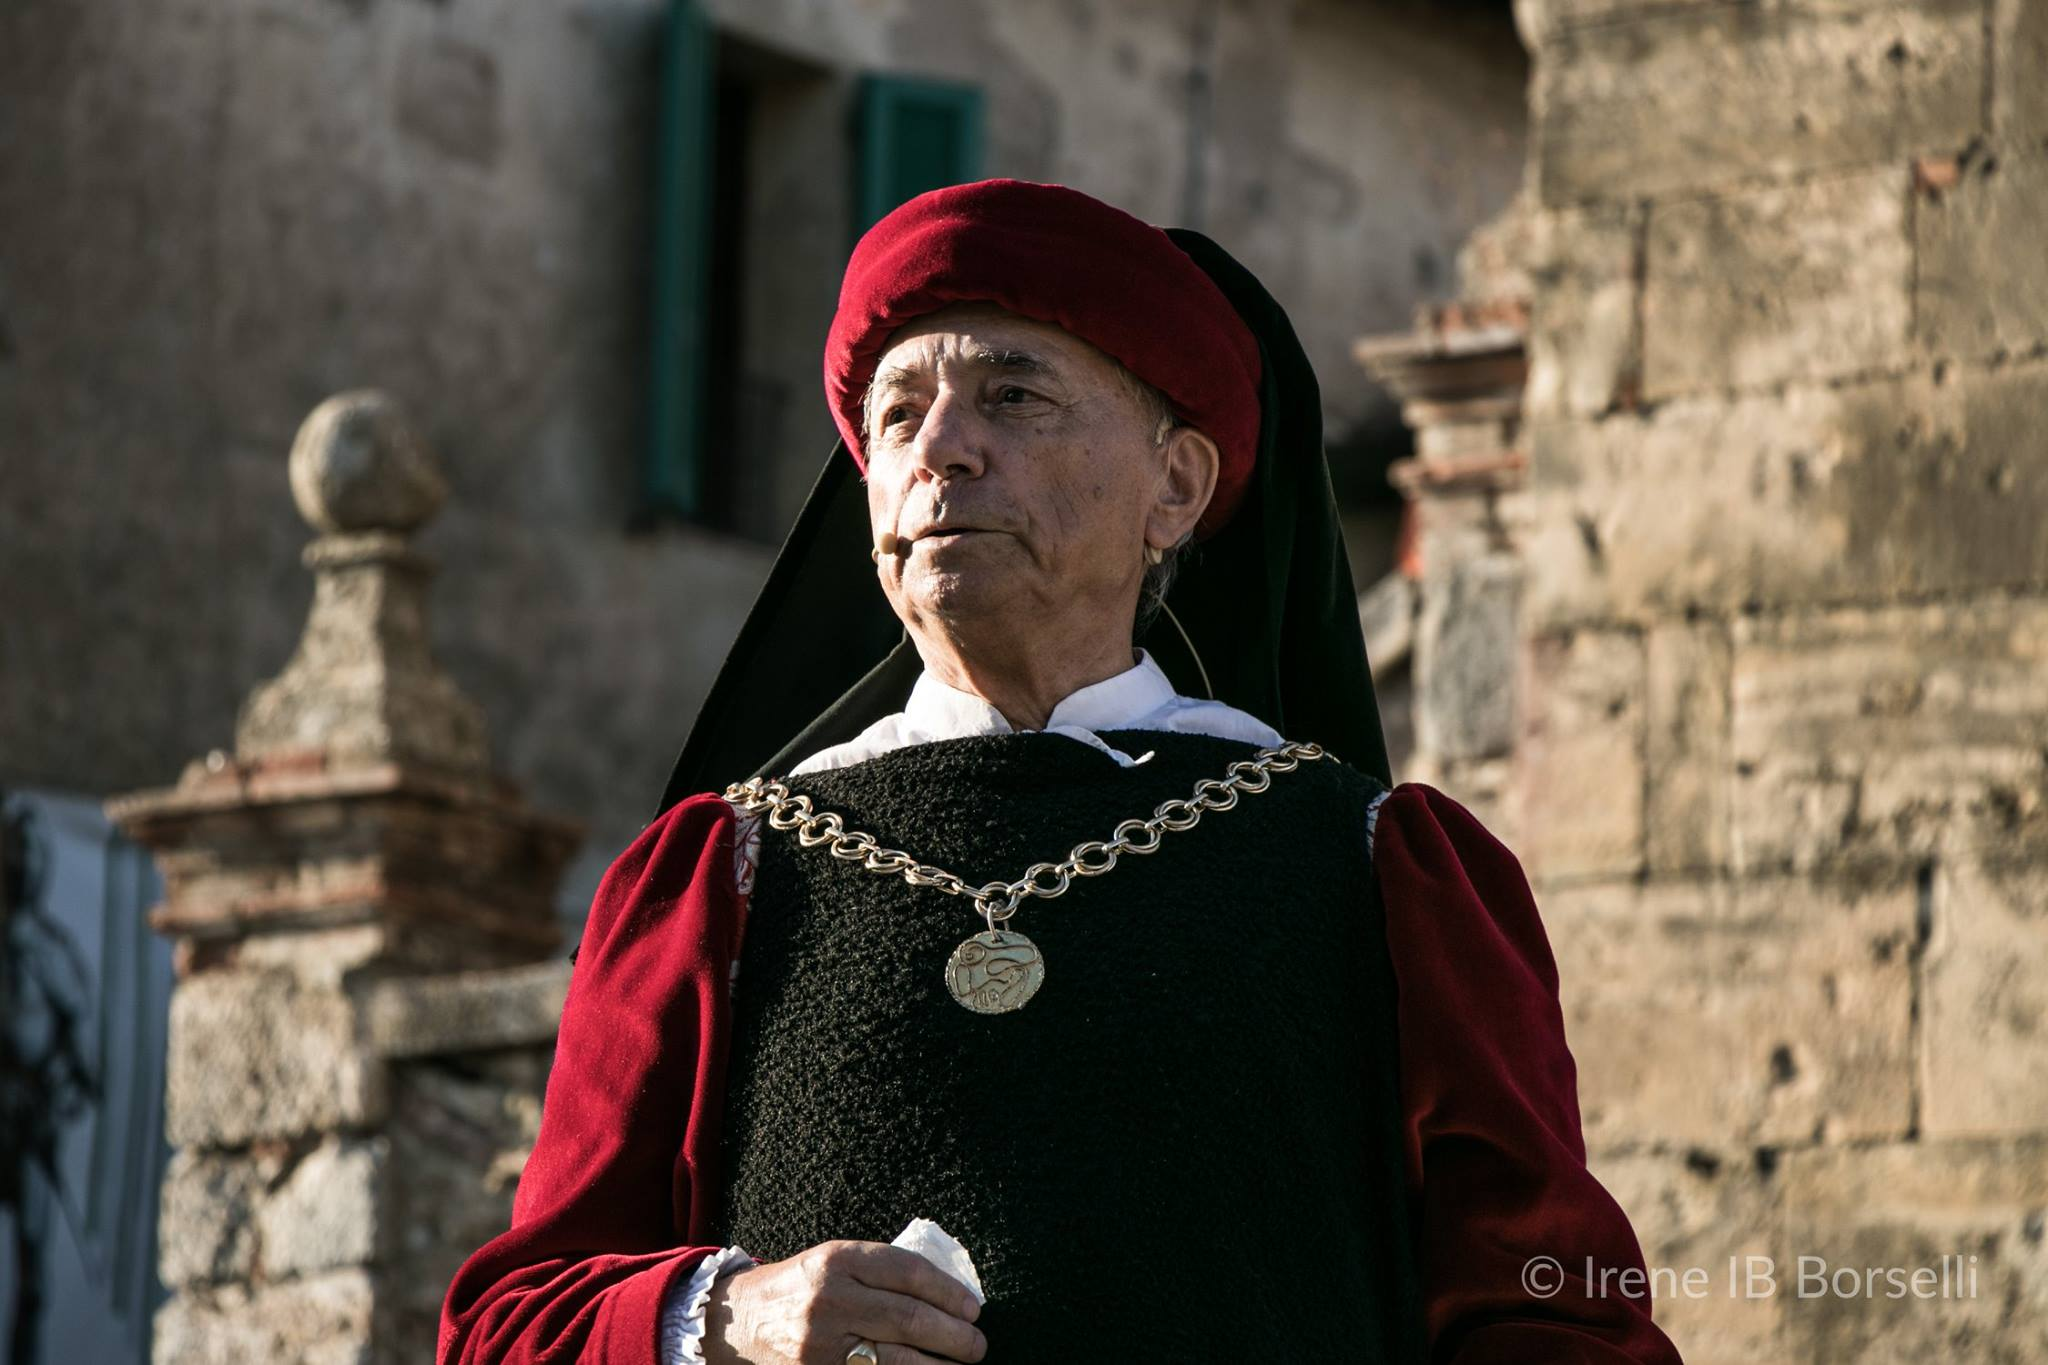 Festa_Medievale_di_Monteriggioni_di_Torri_si_Corona (2)